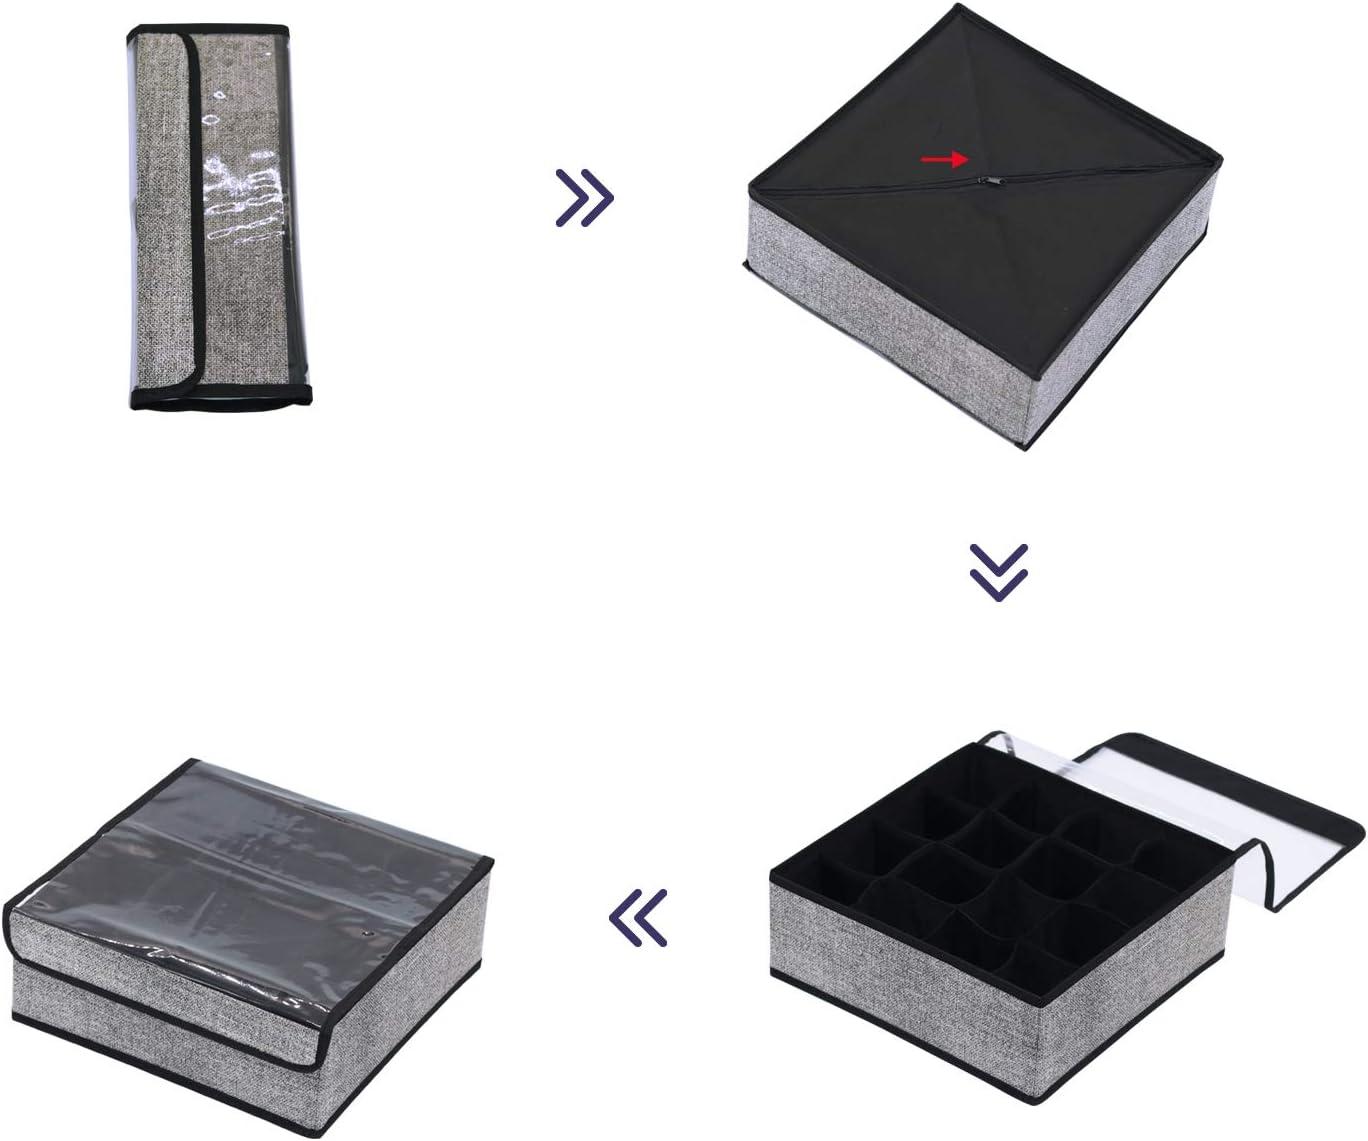 Sujetador homyfort Cajas Plegables Organizadores de Cajones para Almacenamiento y Organizaci/ón de Ropa Interior Bufandas Negro Lino Organizadores de Cajones Tela sin Tejer 7XAS16S5 Calcetines